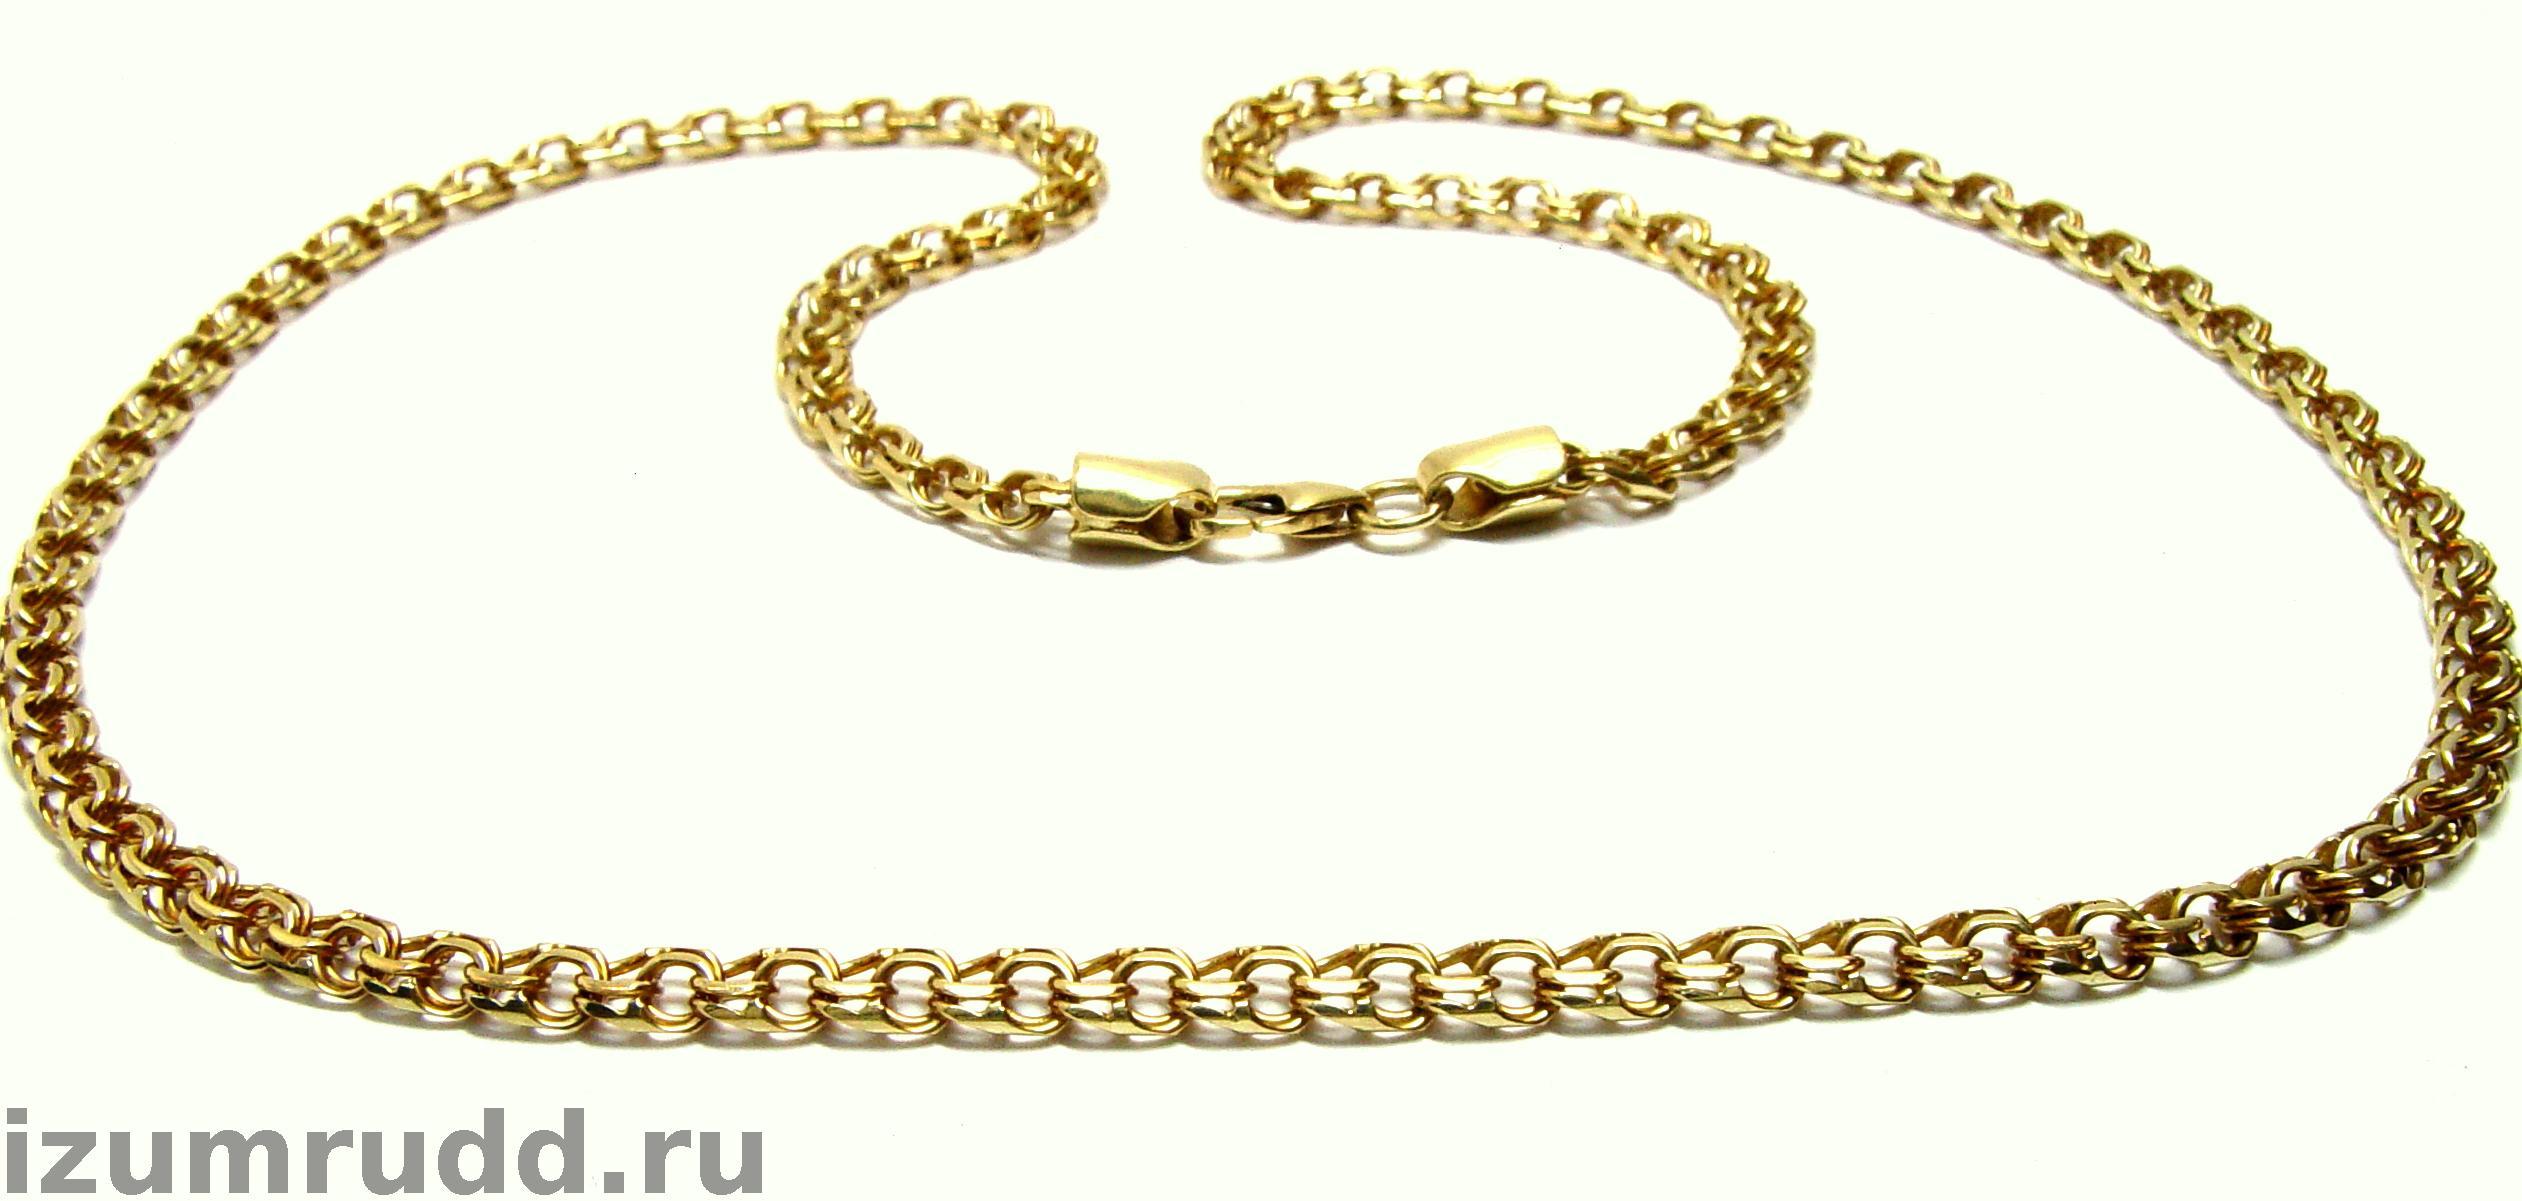 Золотые цепочки плетение бисмарк фото 6